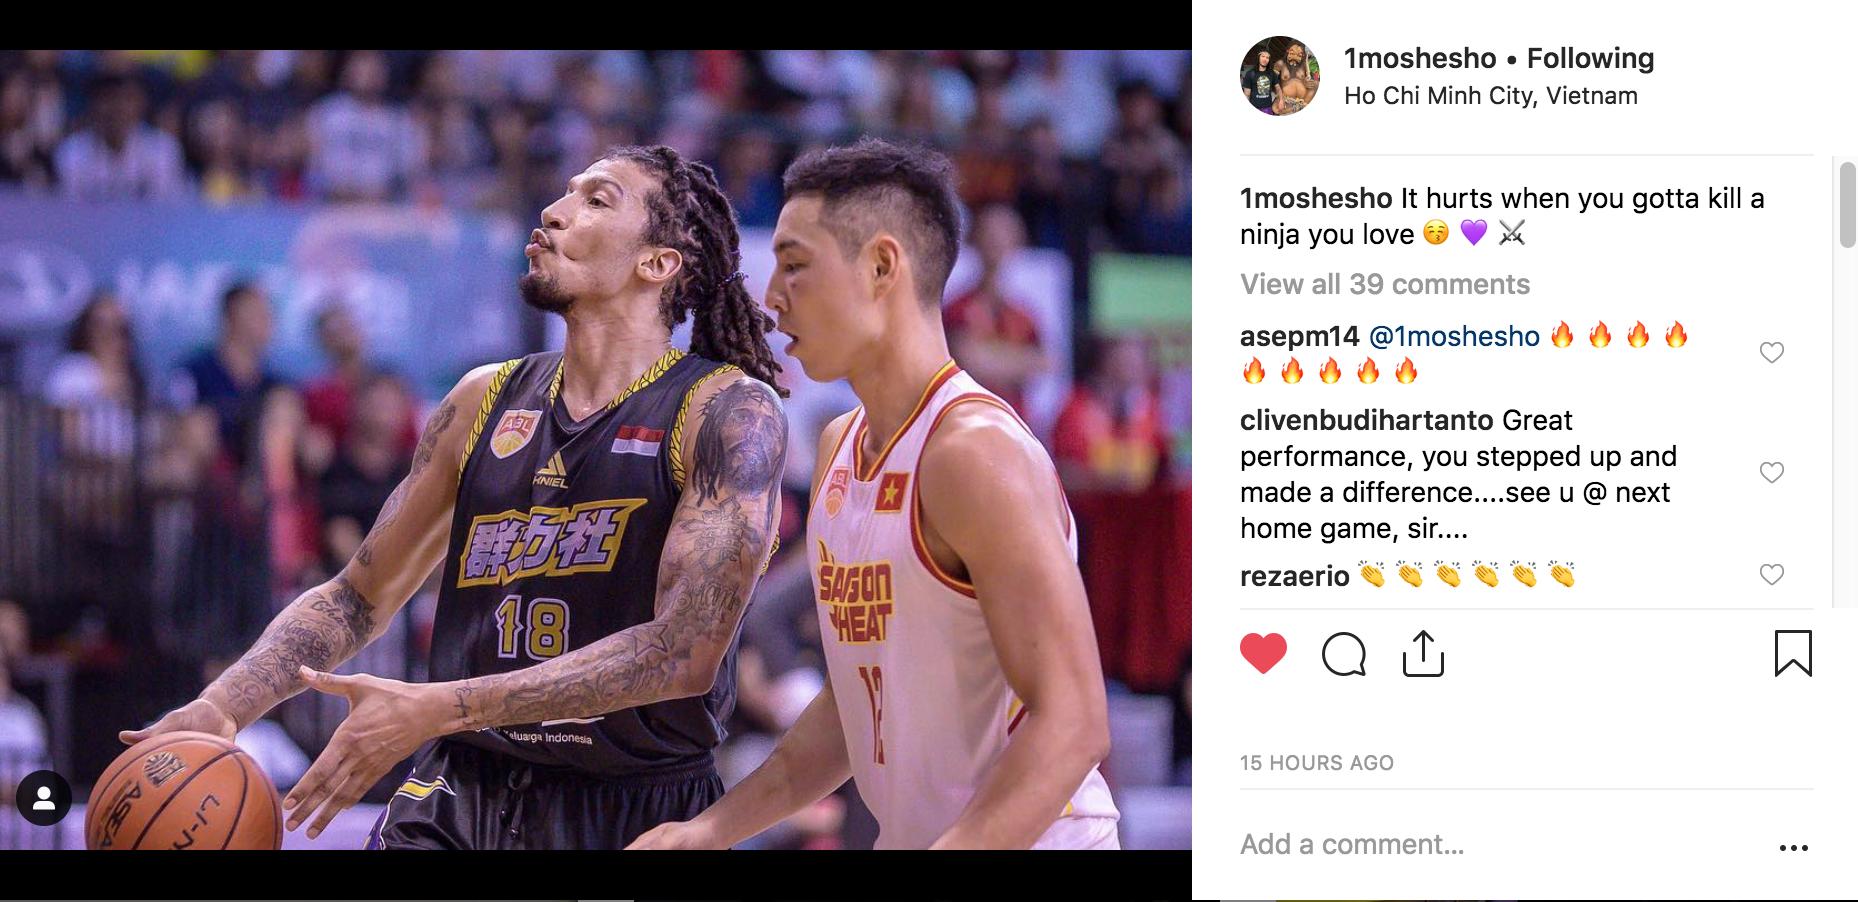 Maxie Esho: Tôi rất yêu Việt Nam, vì vậy thật đắng lòng khi phải đánh bại Saigon Heat